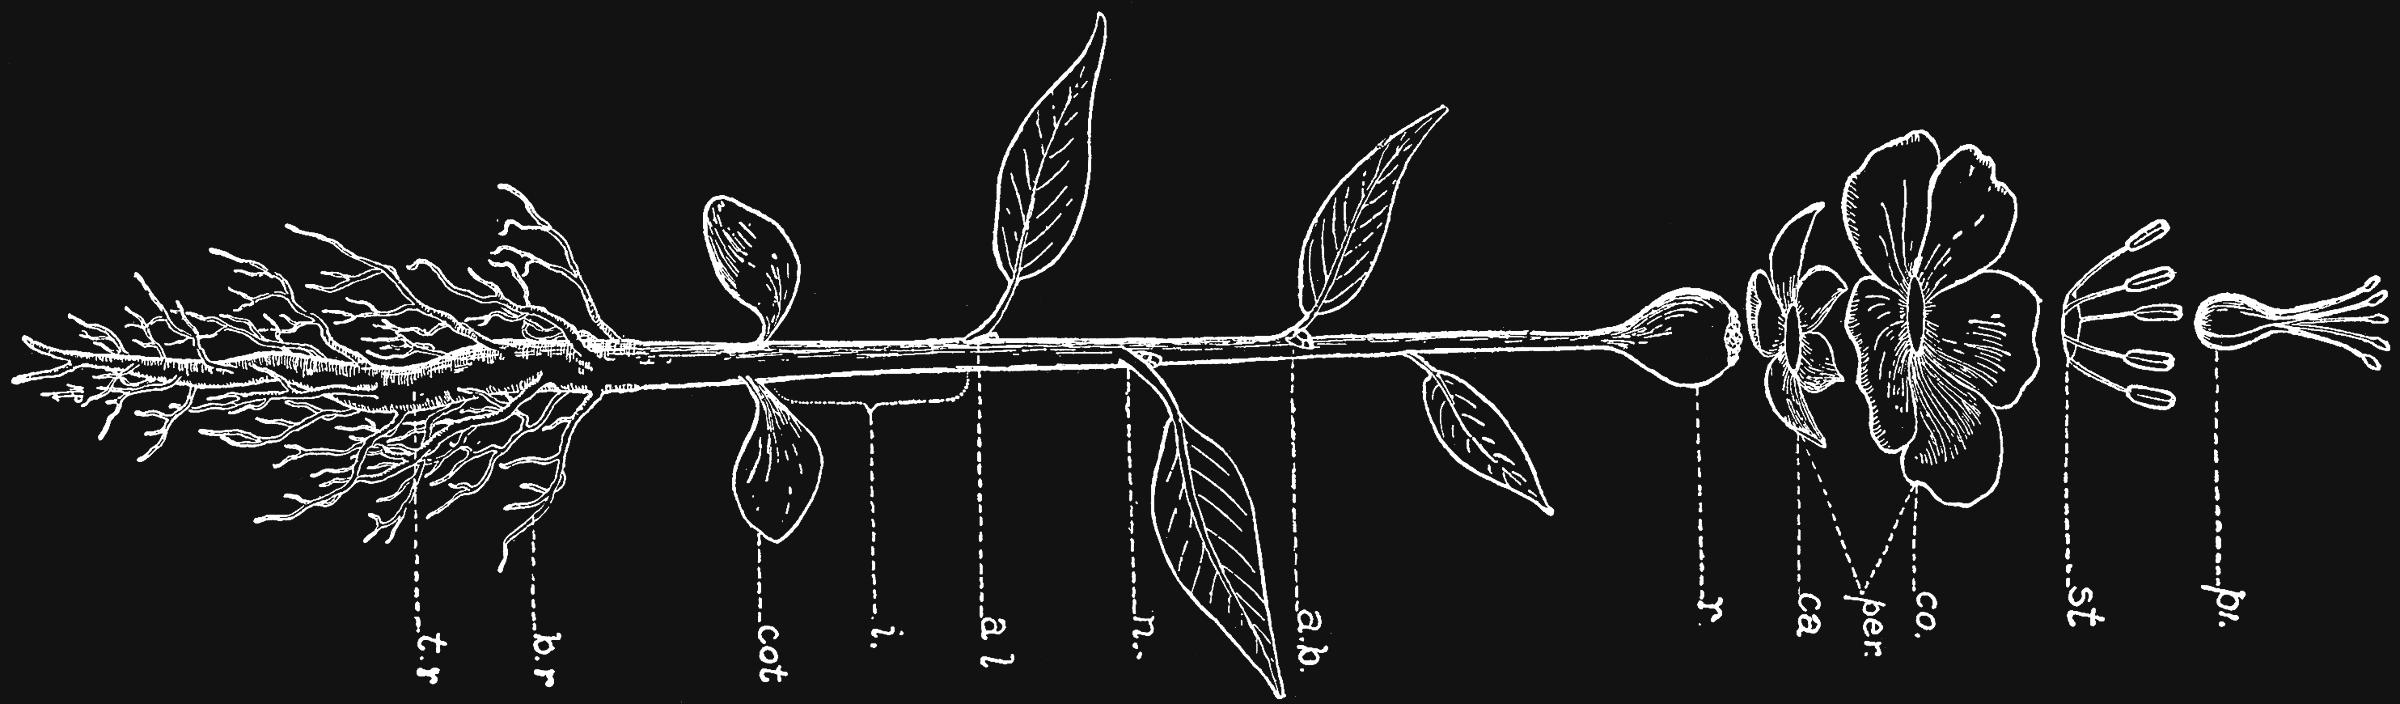 CultivateDiagram